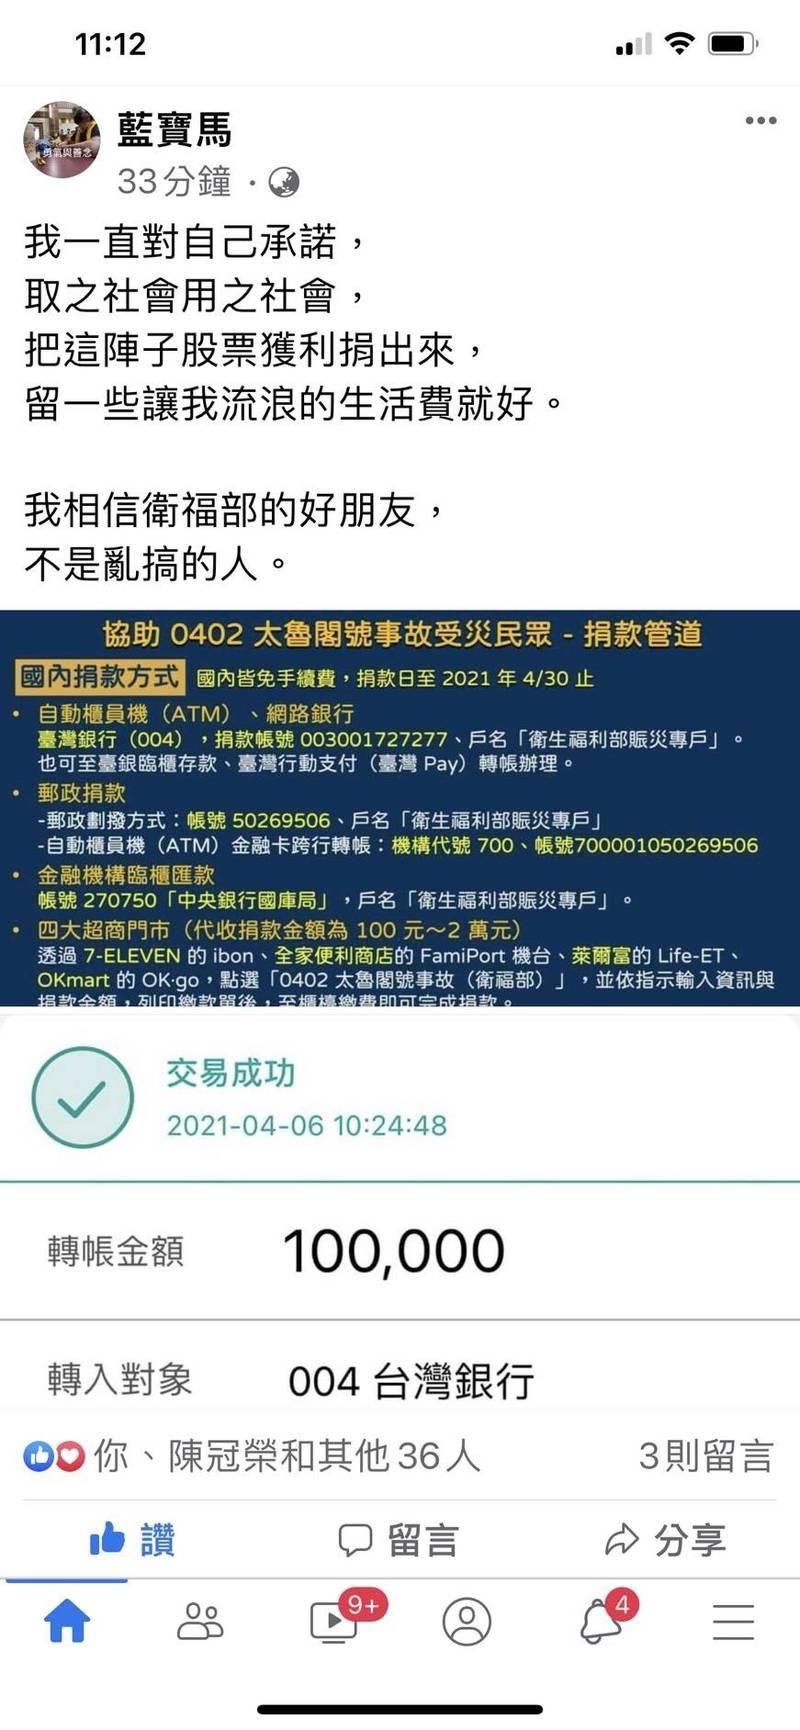 氣爆重傷者徐晏祥捐10萬元,打臉抹黑高雄氣爆的人。(徐晏祥臉書)